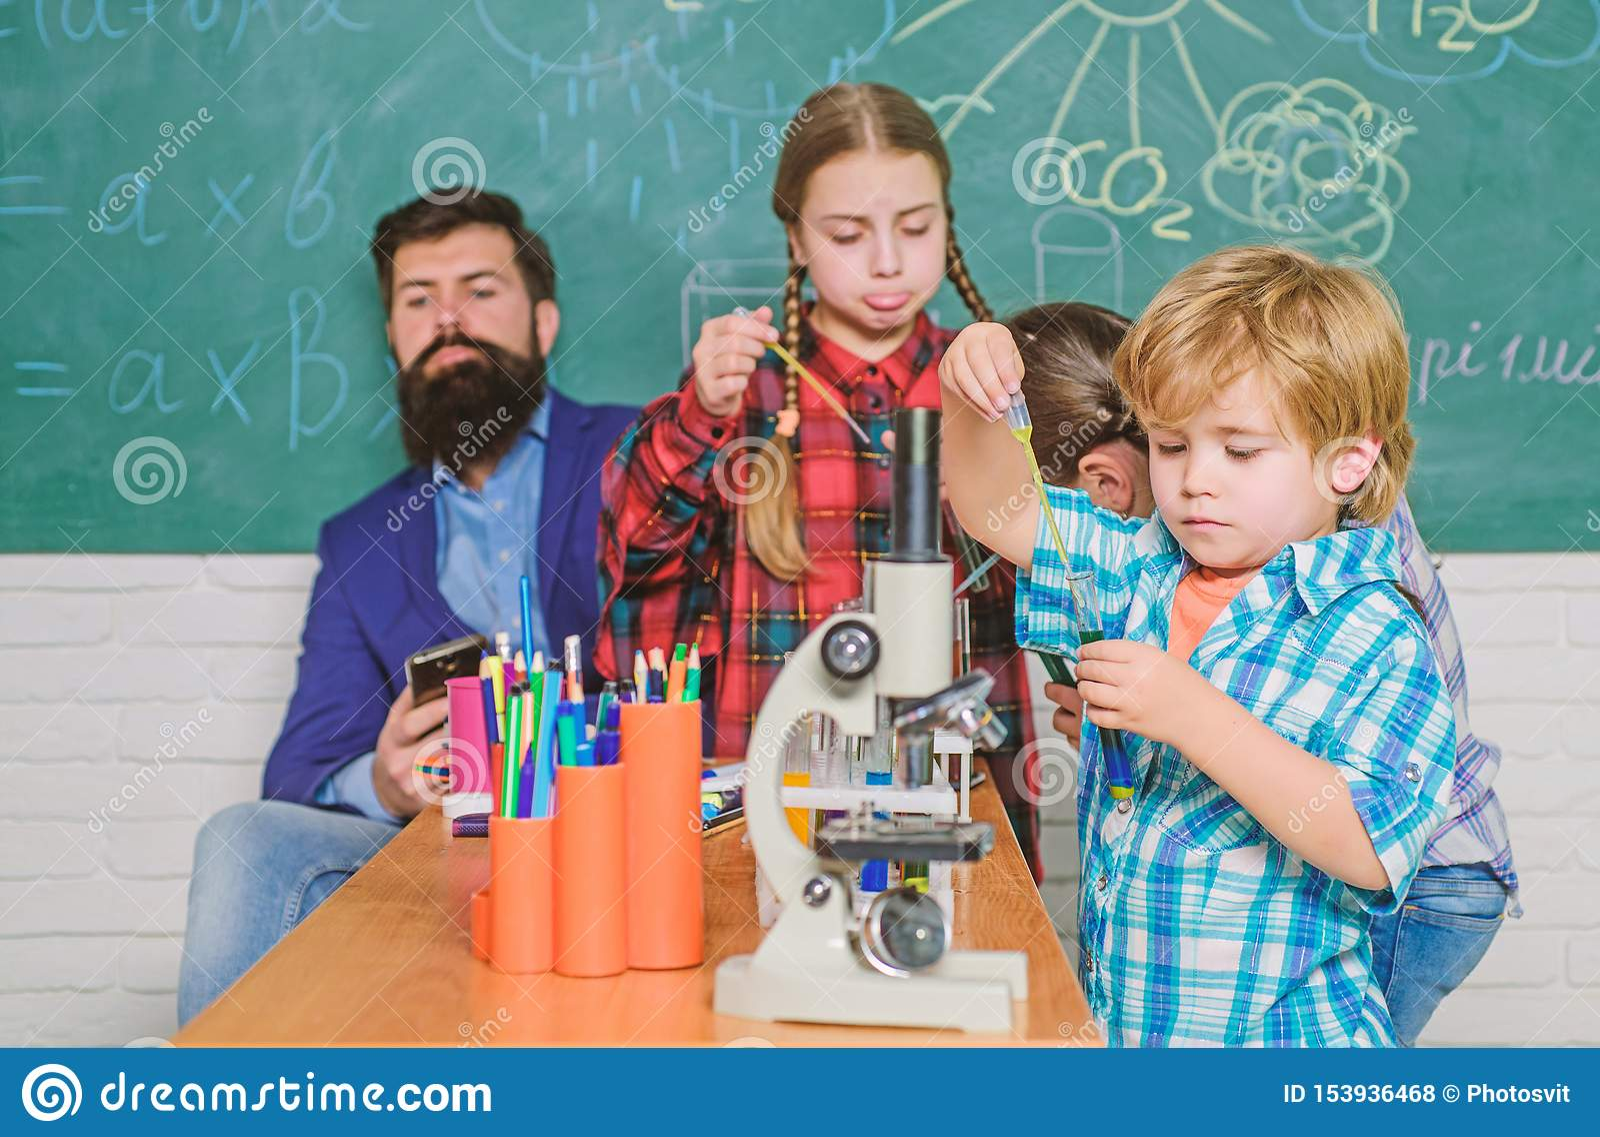 Μαθητής που εξετάζει μέσω του μικροσκοπίου το δημοτικό σχολείο πειραματισμός με τις χημικές ουσίες ή μικροσκόπιο στο εργαστήριο